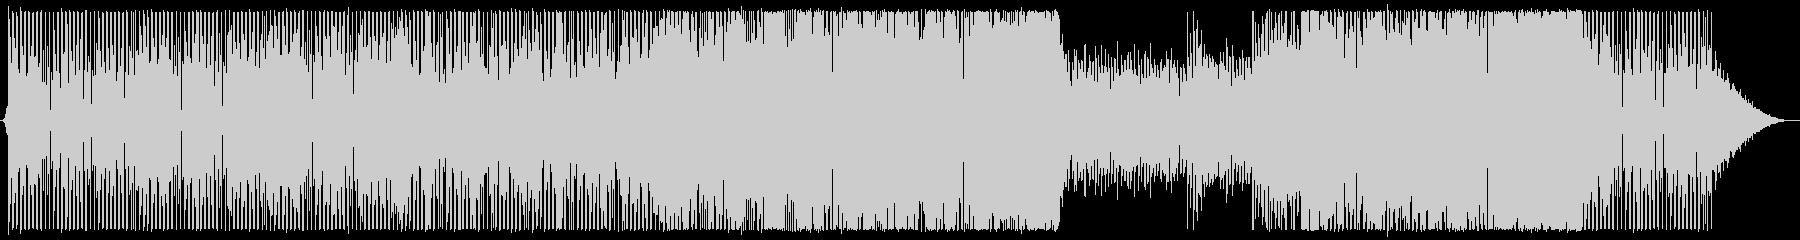 対戦BGM等/疾走感ある未来的エレクトロの未再生の波形